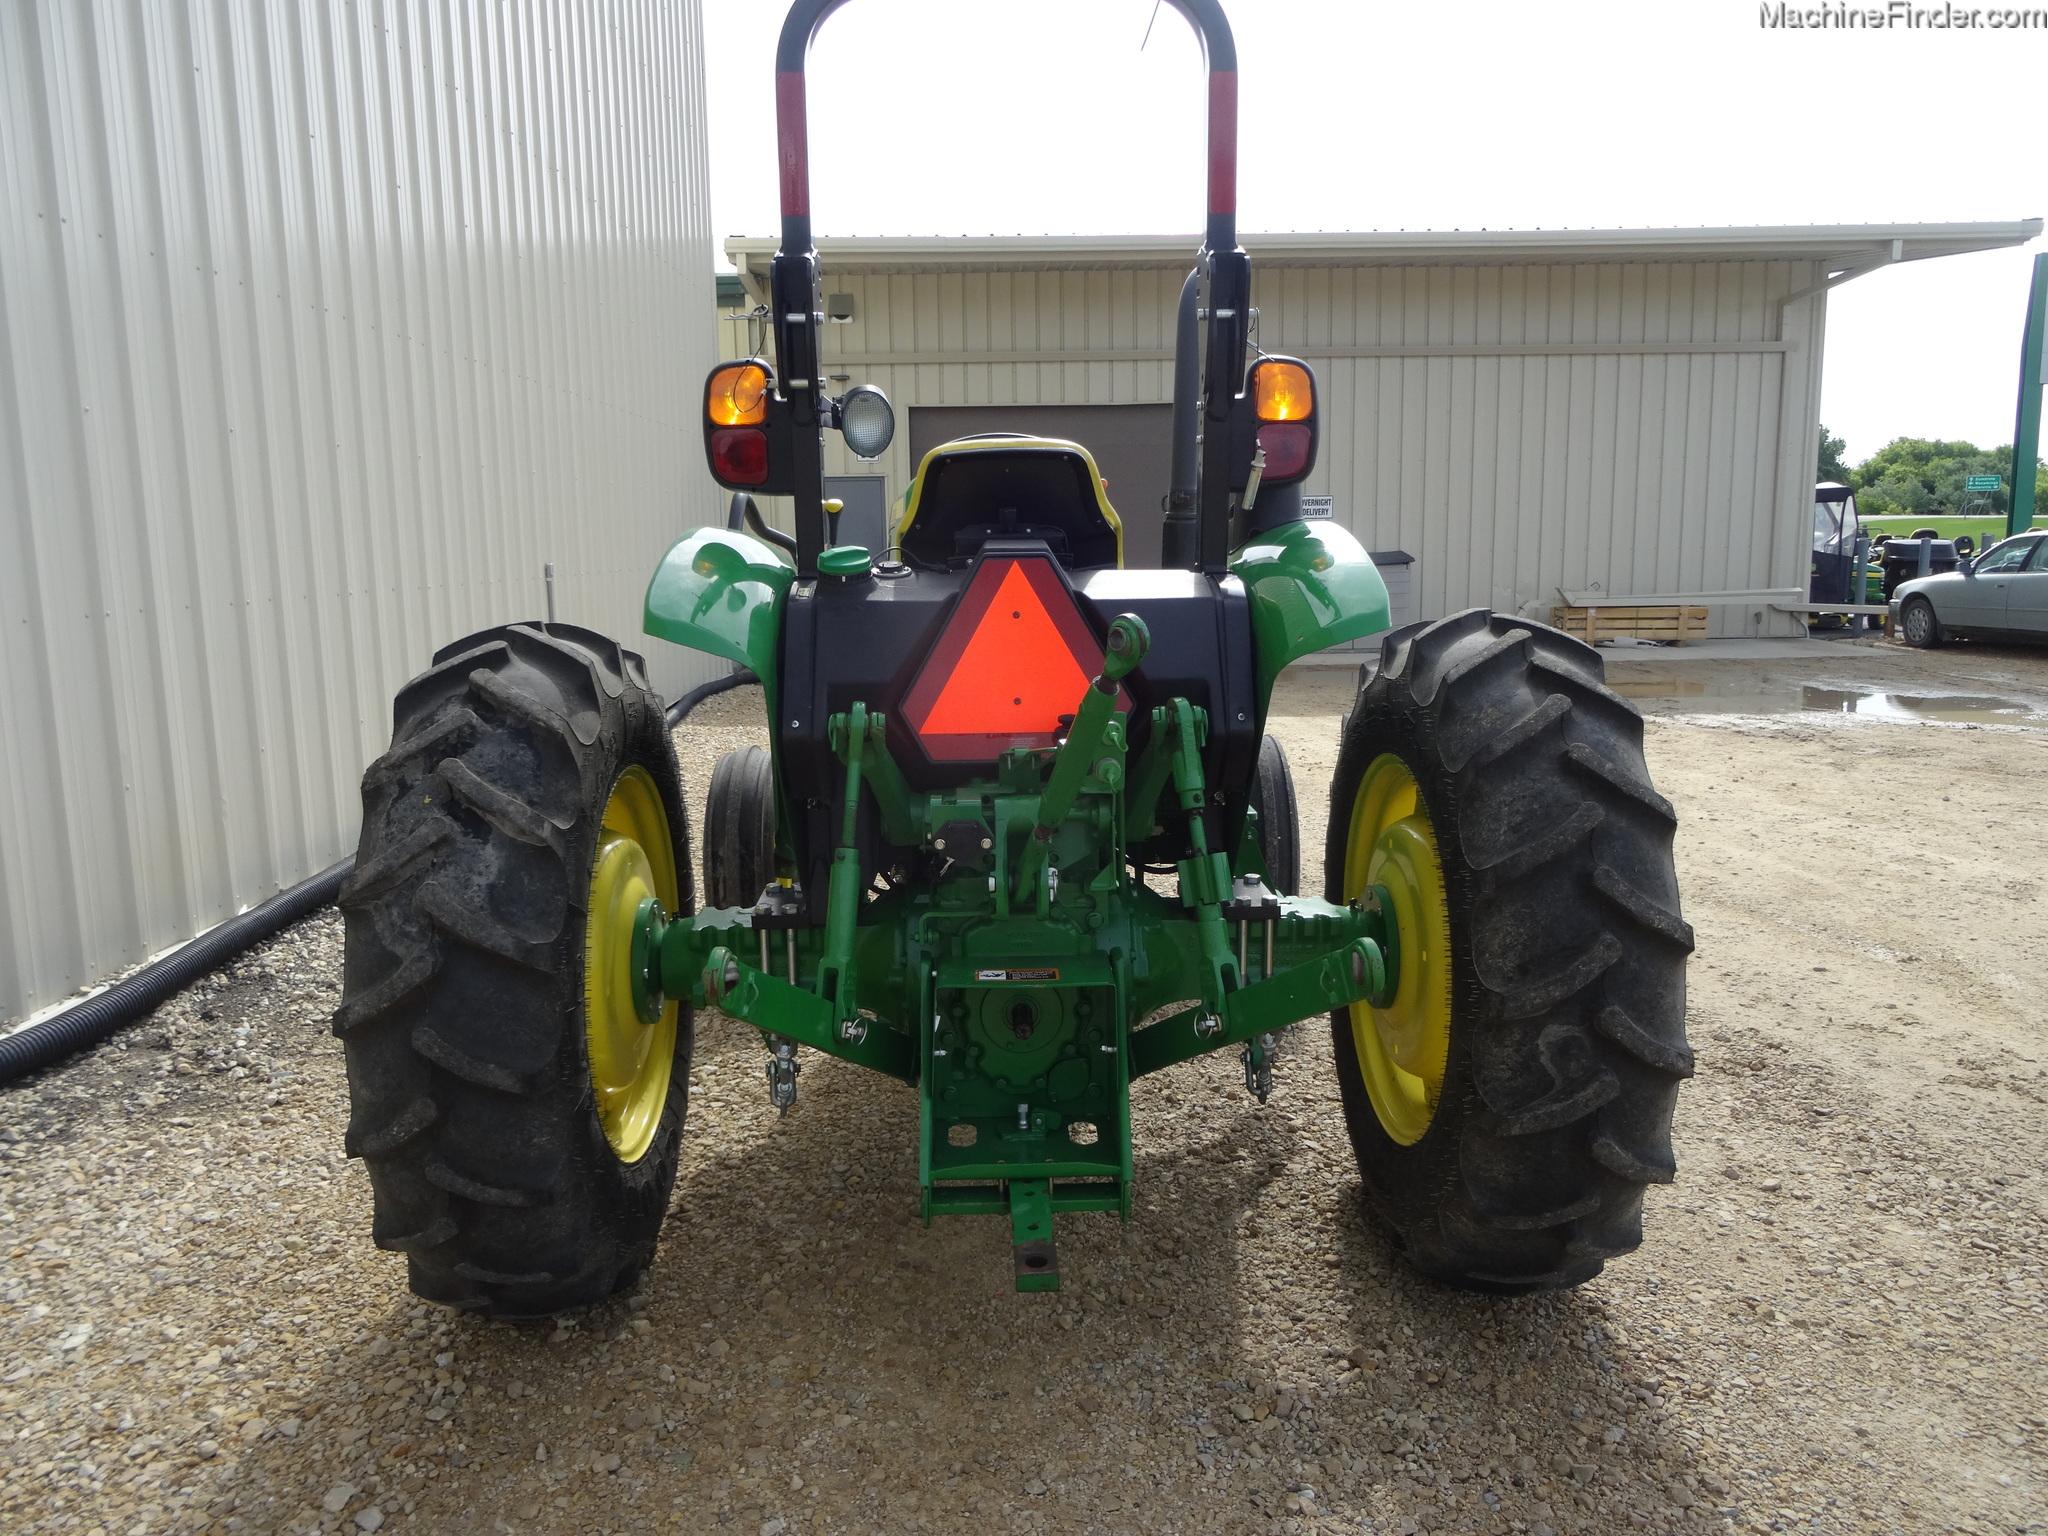 John Deere Lawn Mowers For Sale >> Equipment Details 2015 John Deere 5045E